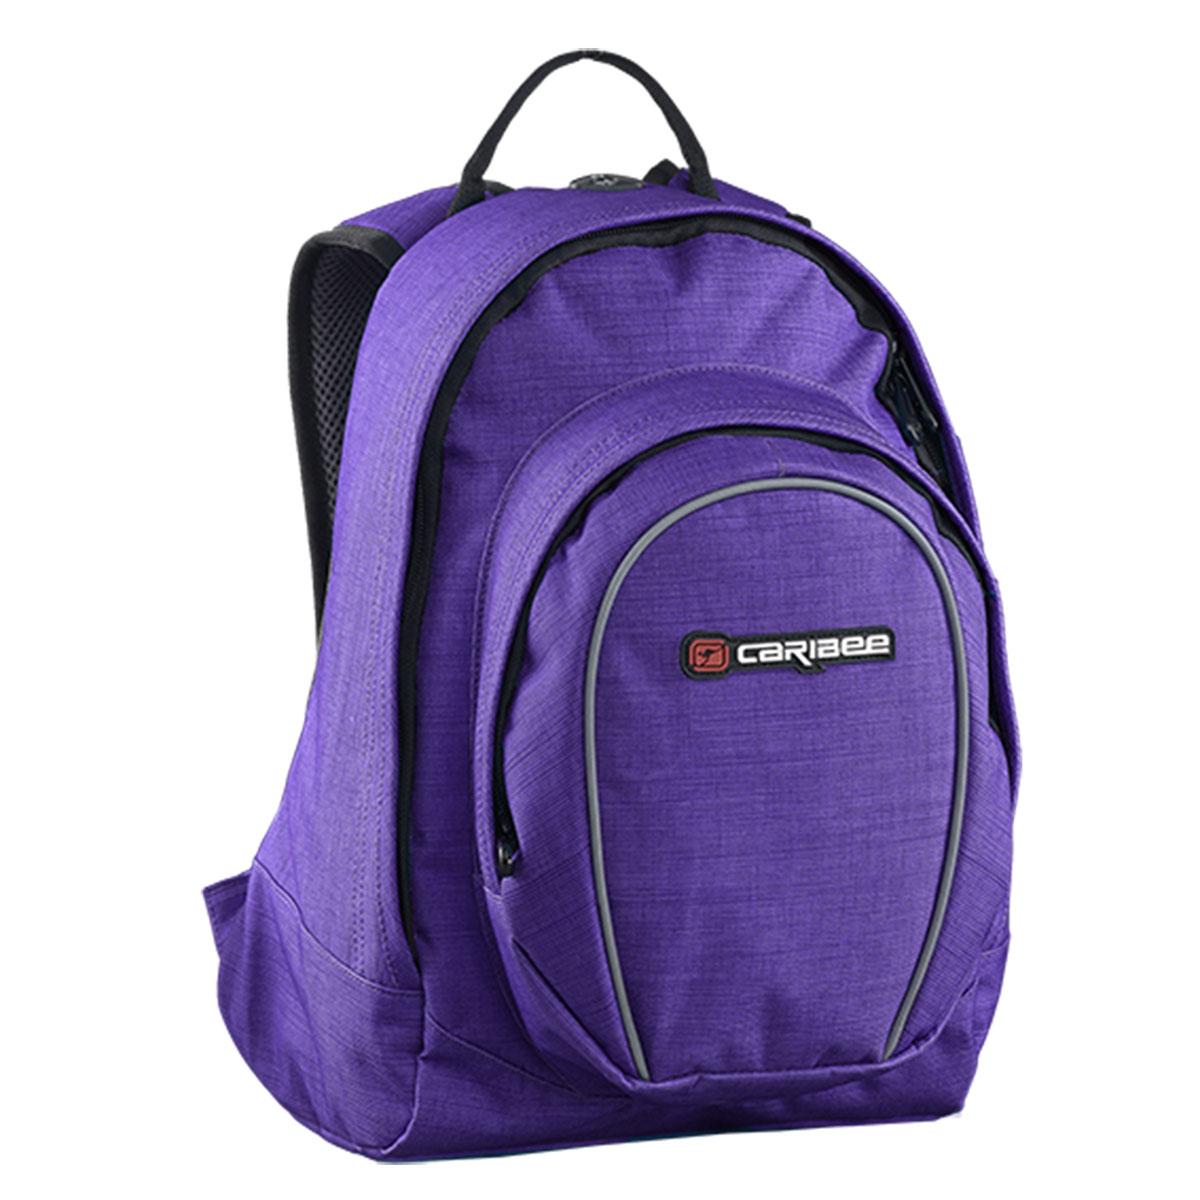 Рюкзак городской Caribee Spice, цвет: фиолетовый, 18 л62291Женский рюкзак Caribee Spice выполнен из износостойкой ткани – полиэстера, известной тем, что она не впитывает влагу и устойчива к воздействию ультрафиолетовых лучей. Те части рюкзака, которые непосредственно соприкасаются со спиной и плечами, выкроены с учетом анатомических особенностей и оснащены мягкой подкладкой. Это типичный городской рюкзак, который подойдет для девушки, ведущей активный образ жизни. Несколько отделений изделия позволяют сортировать содержимое, также как и отдельный кармашек для плеера решает проблему его размещения. При желании данный рюкзак может заменить женскую сумочку в дальней поездке.Основные характеристики: -сдвоенное отделение, -отделение для плеера с Cord-портом, -встроенный органайзер, -фронтальный карман на молнии.Объем: 20 л.Размер: 38 x 28 x 18 см.